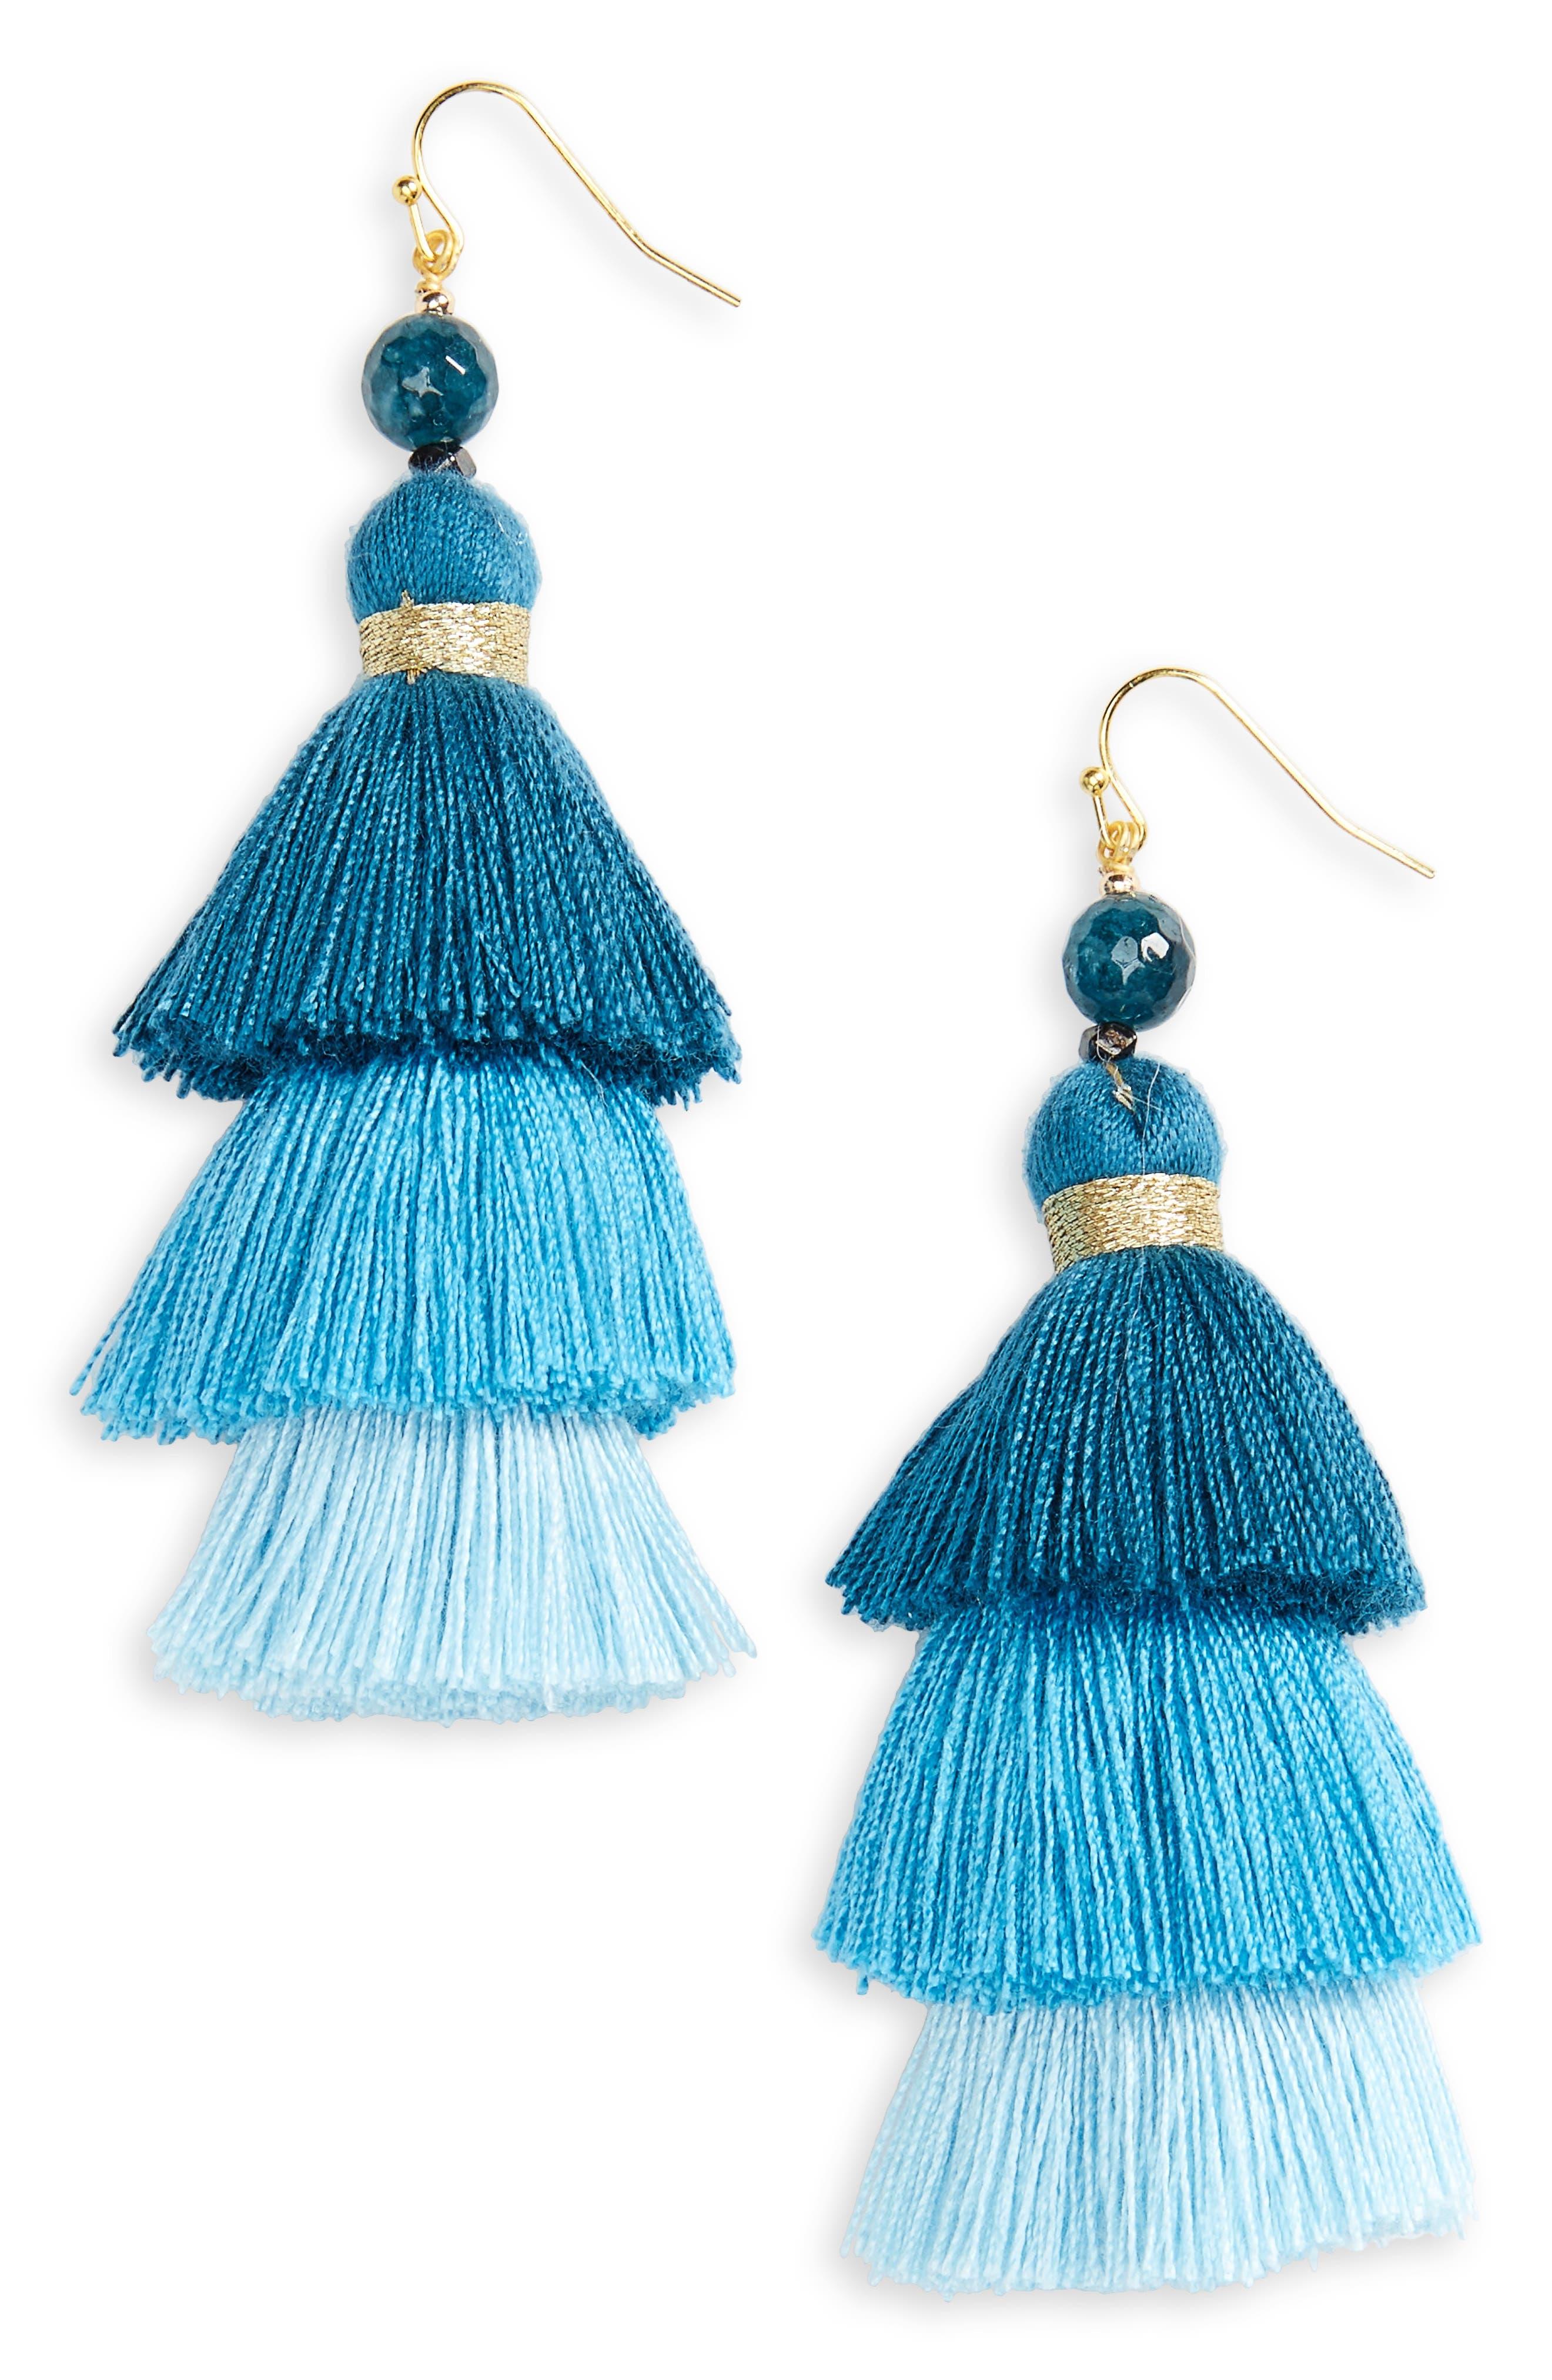 Nakamol Design Layered Tassel Statement Earrings